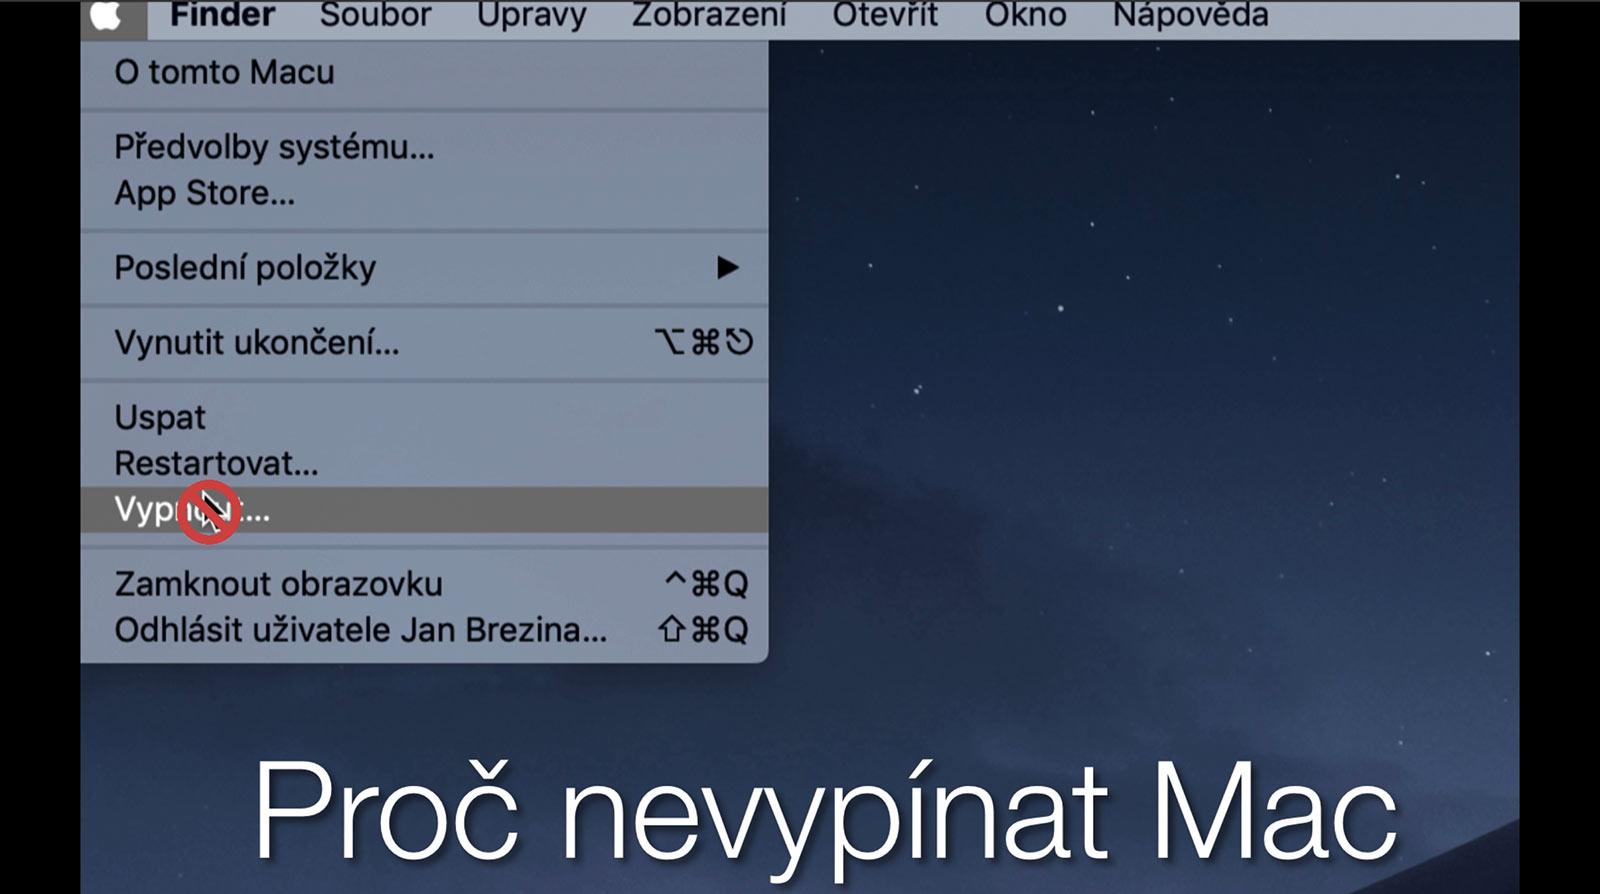 Proč nevypínat Mac